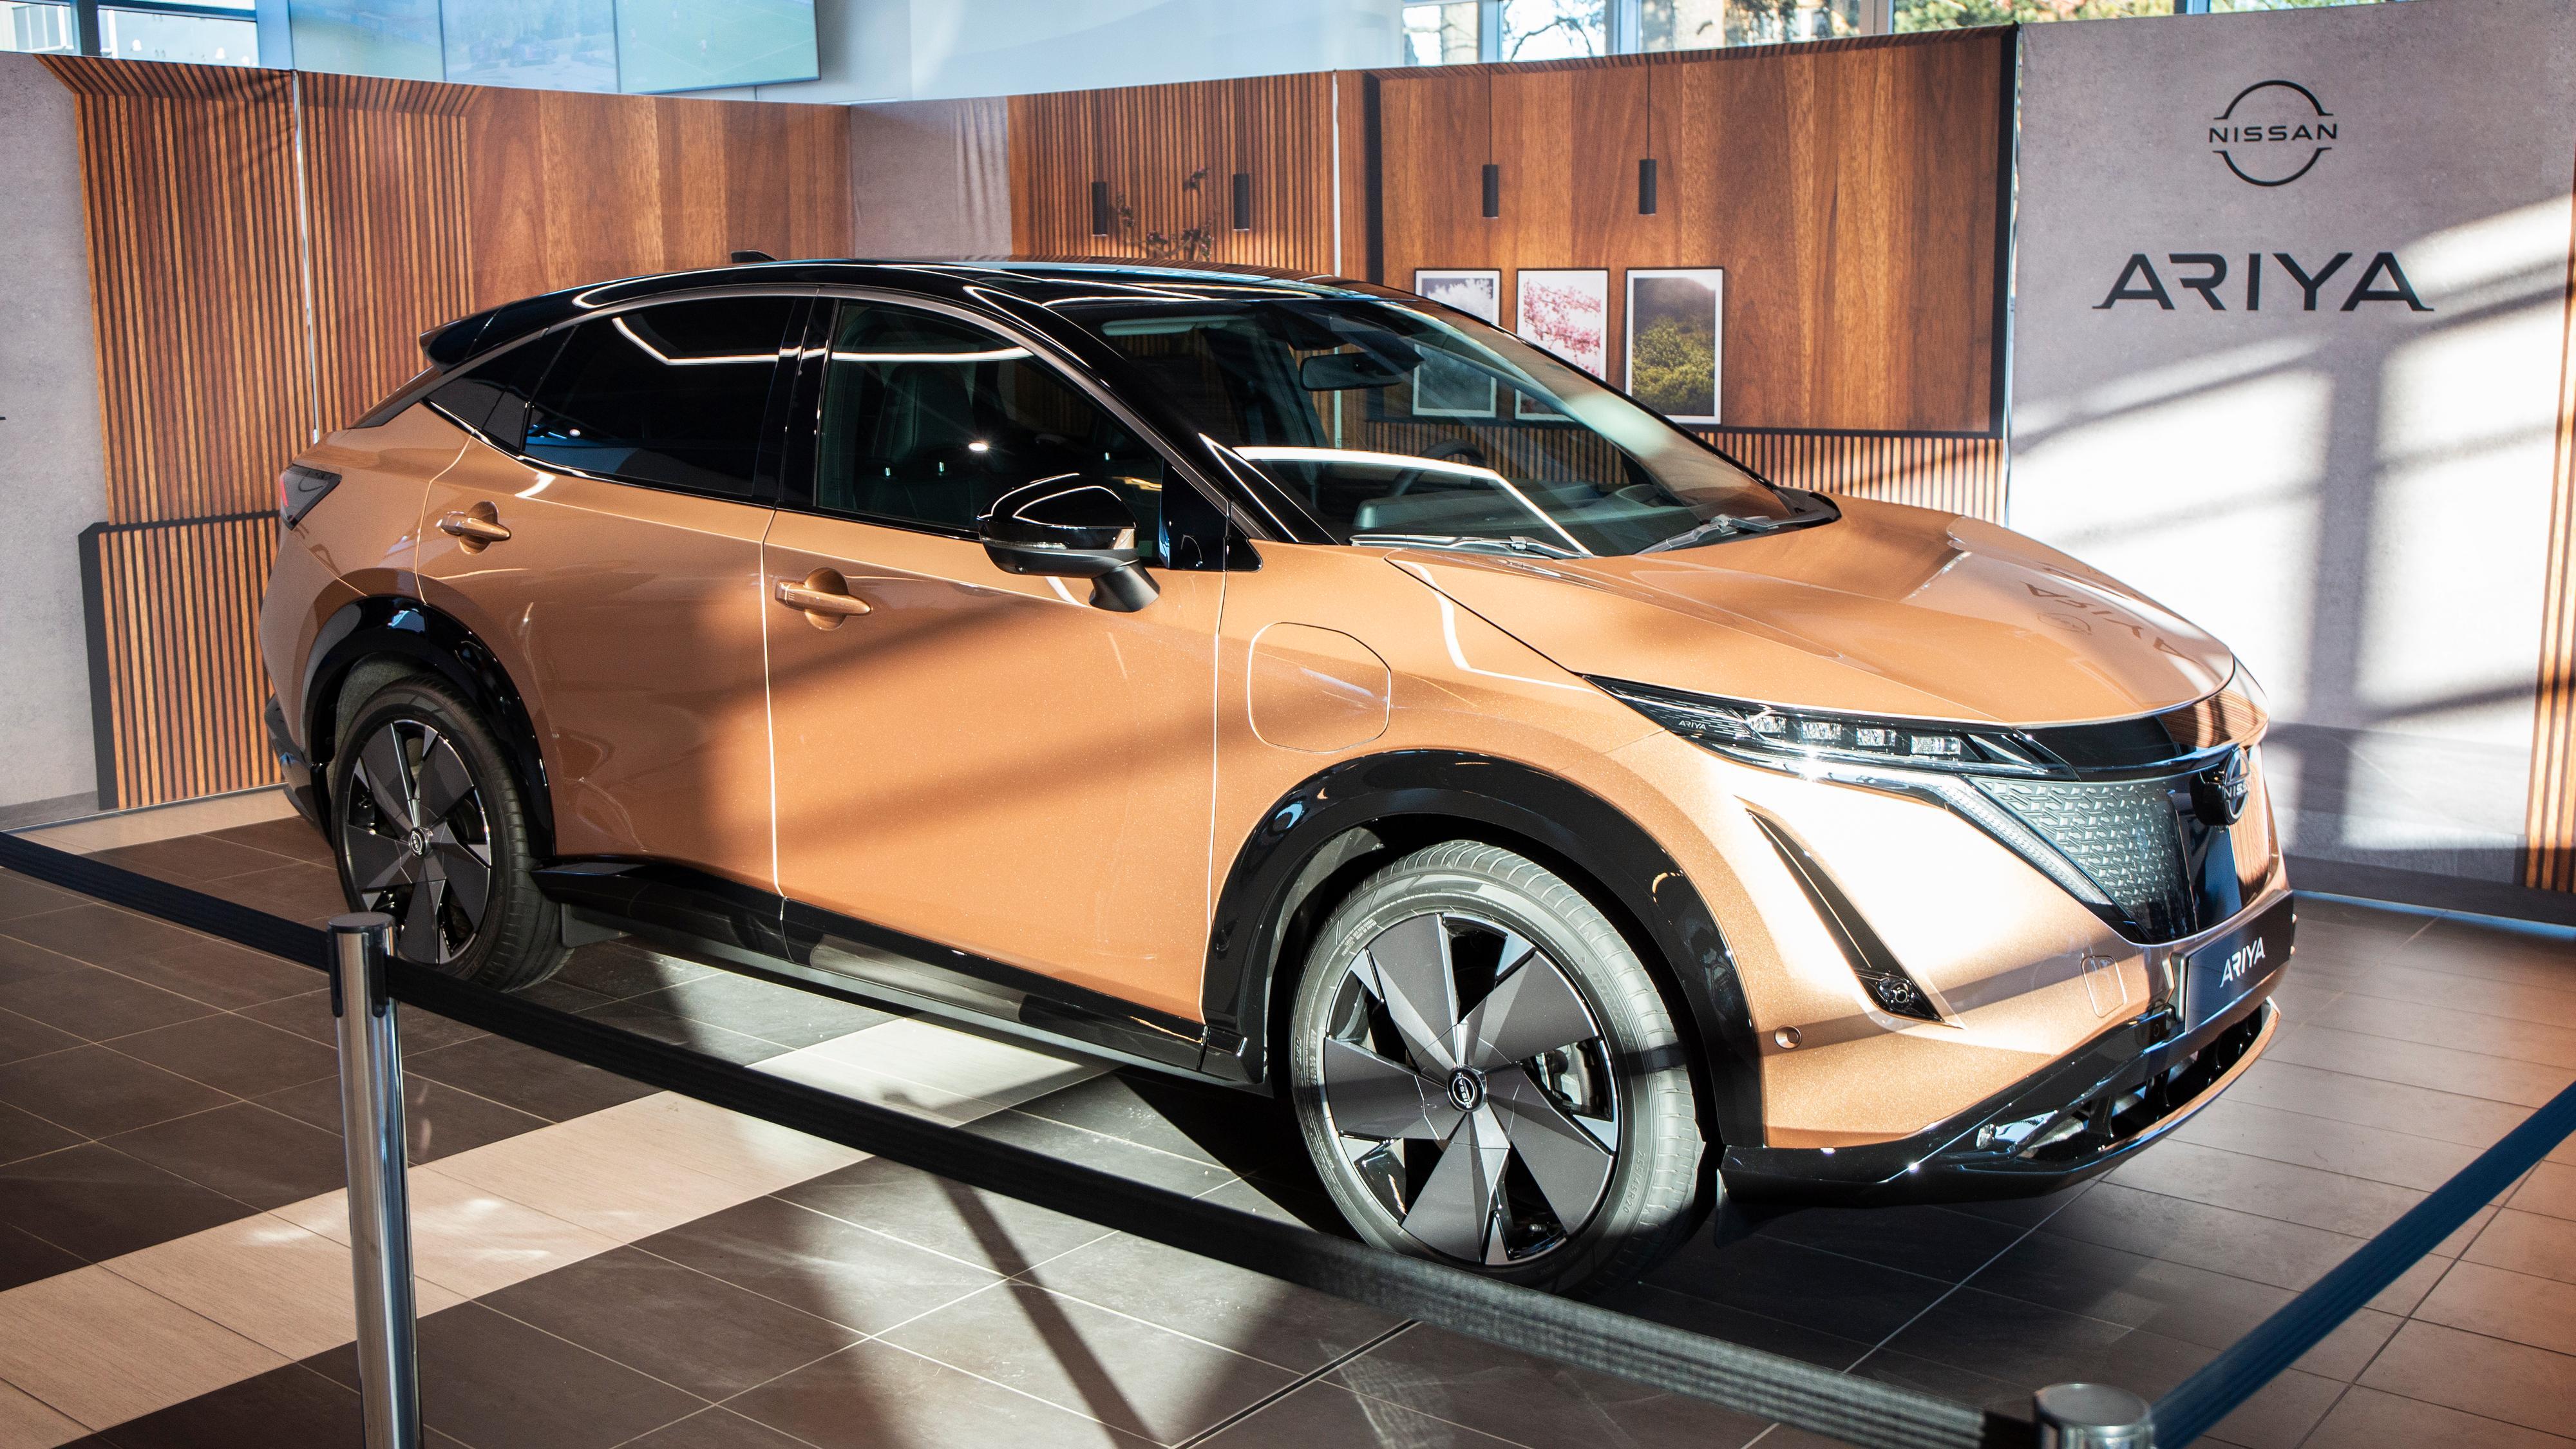 Nissan Ariya kommer til Norge sommeren 2022. Prisene er nå klare.